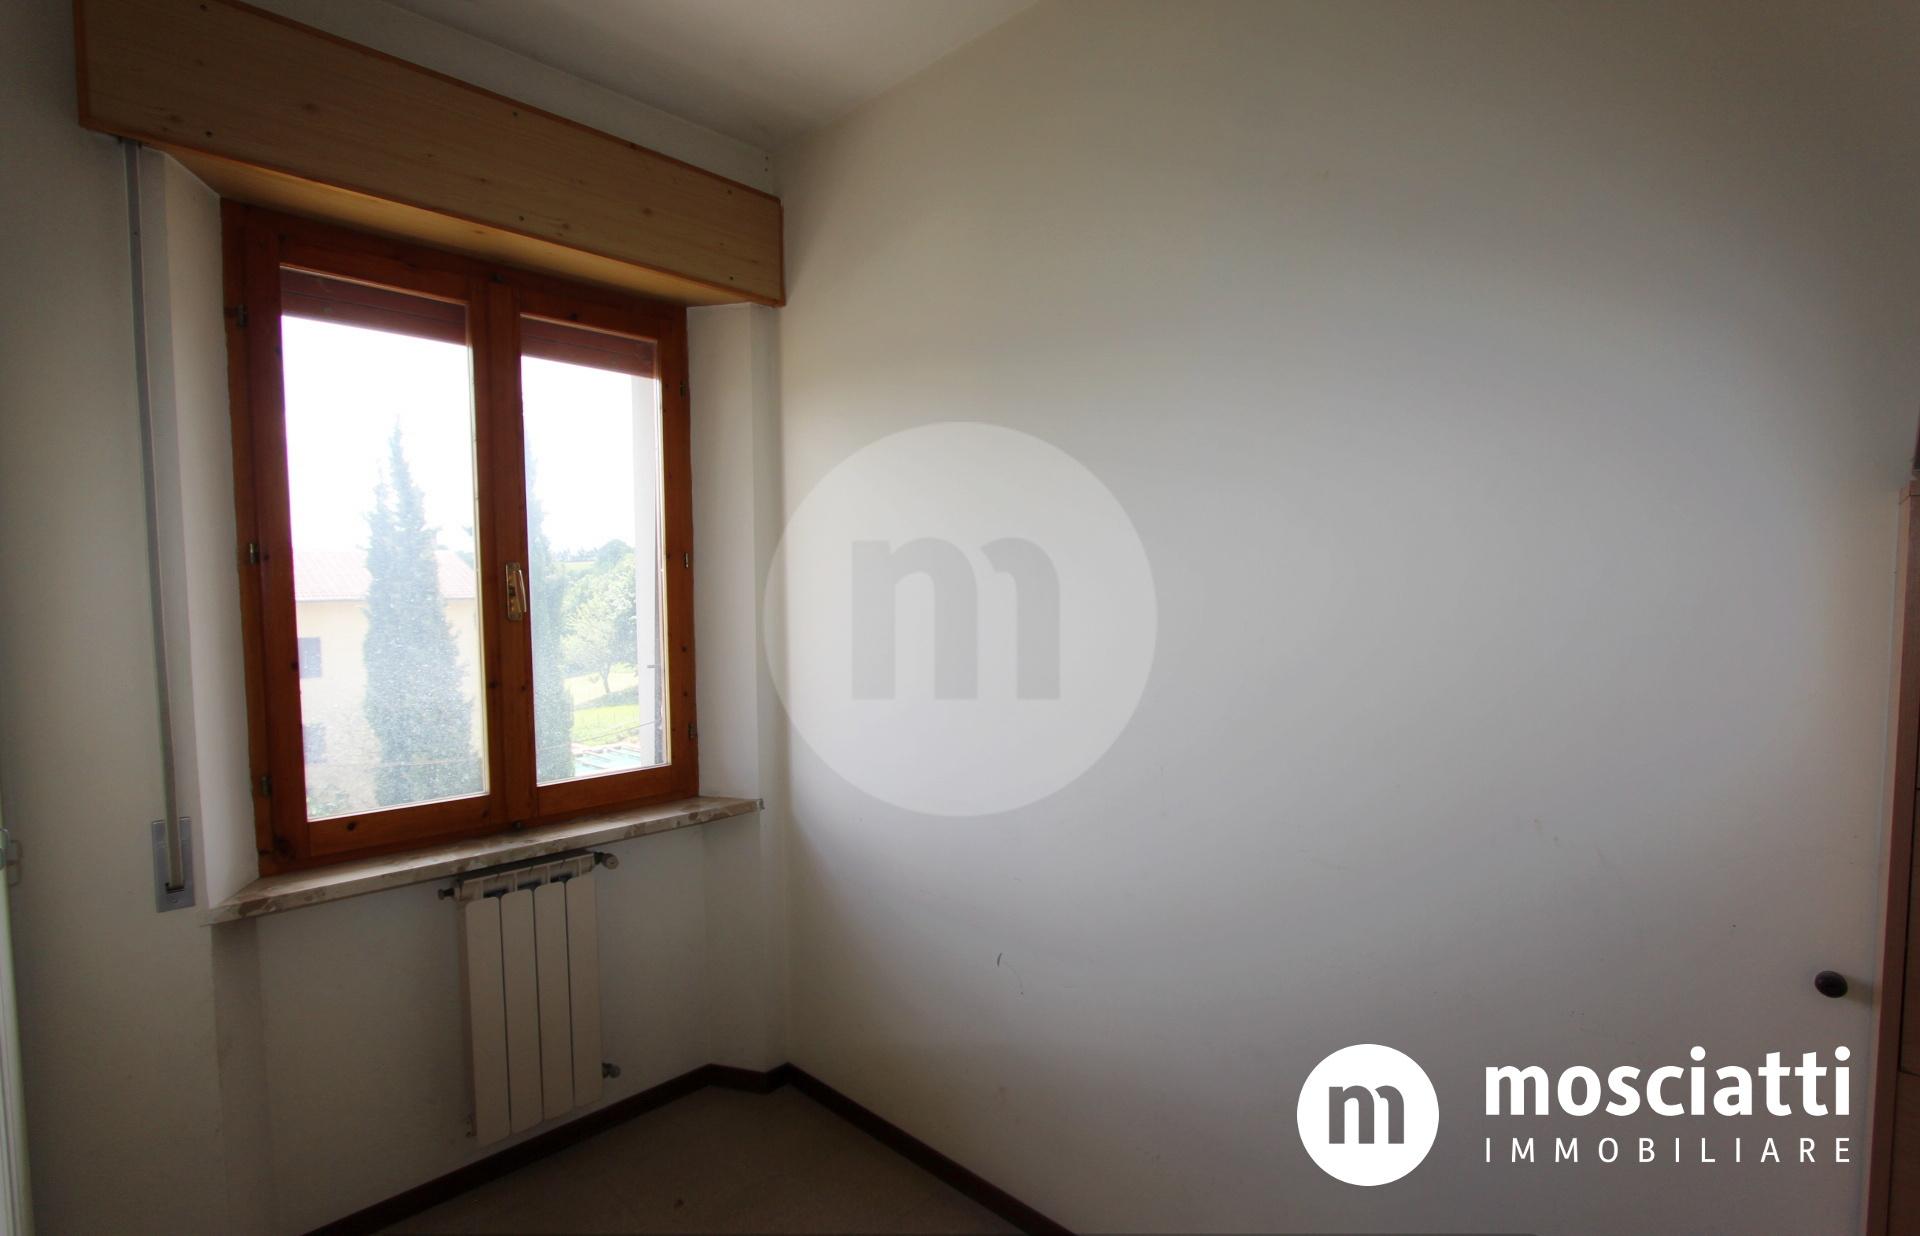 Esanatoglia in Via Aldo Moro, vendesi appartamento al piano secondo - 1